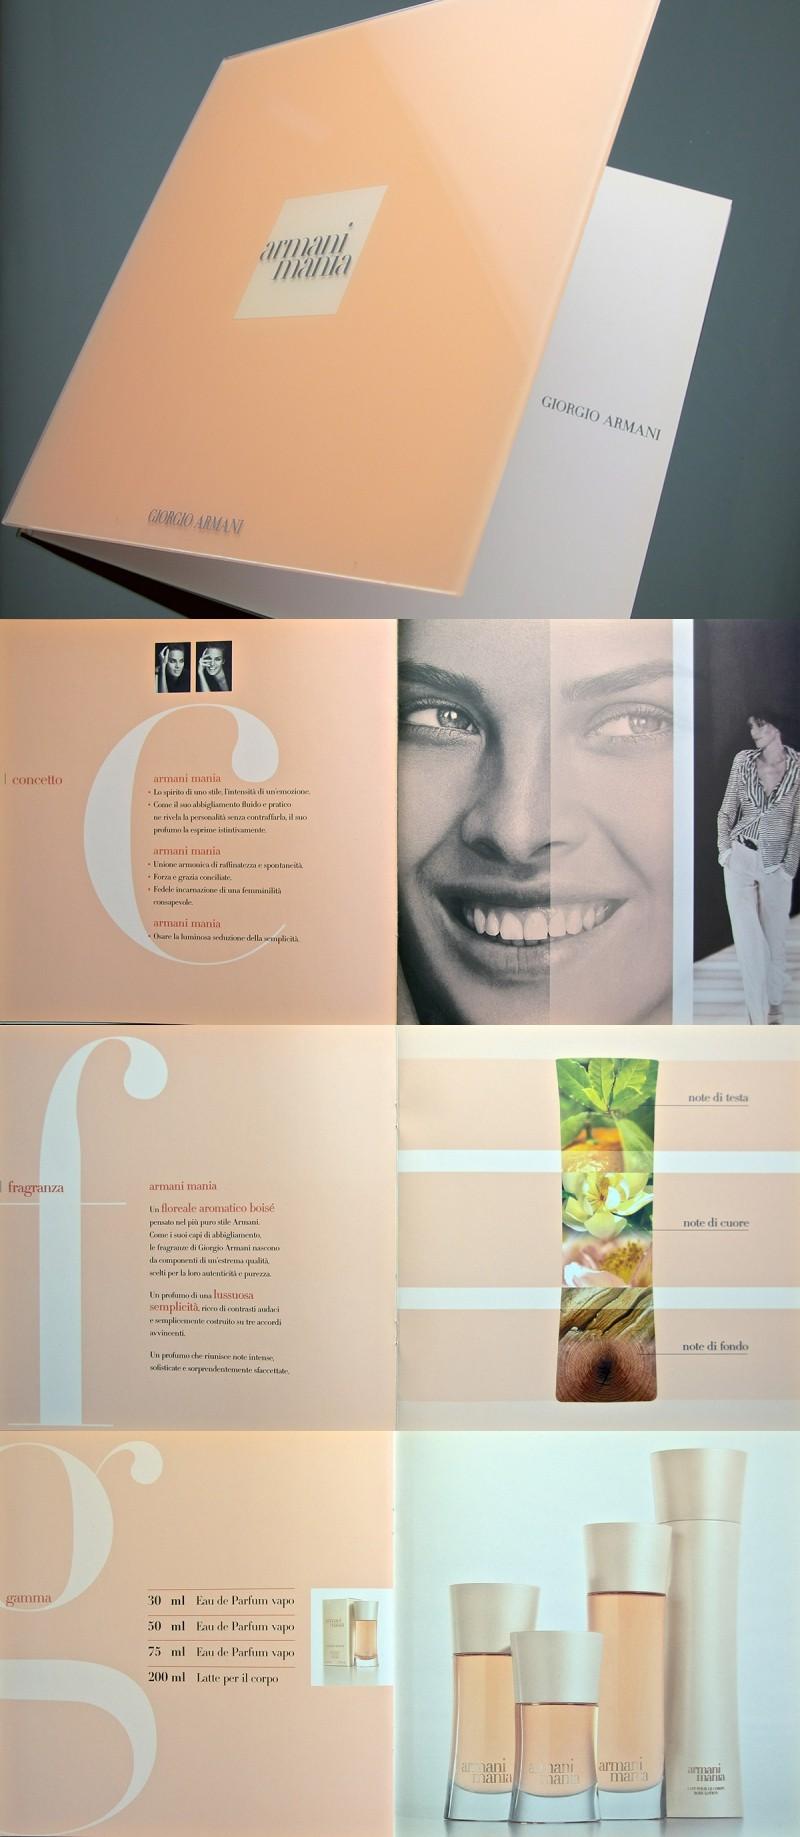 Giorgio armani brochure